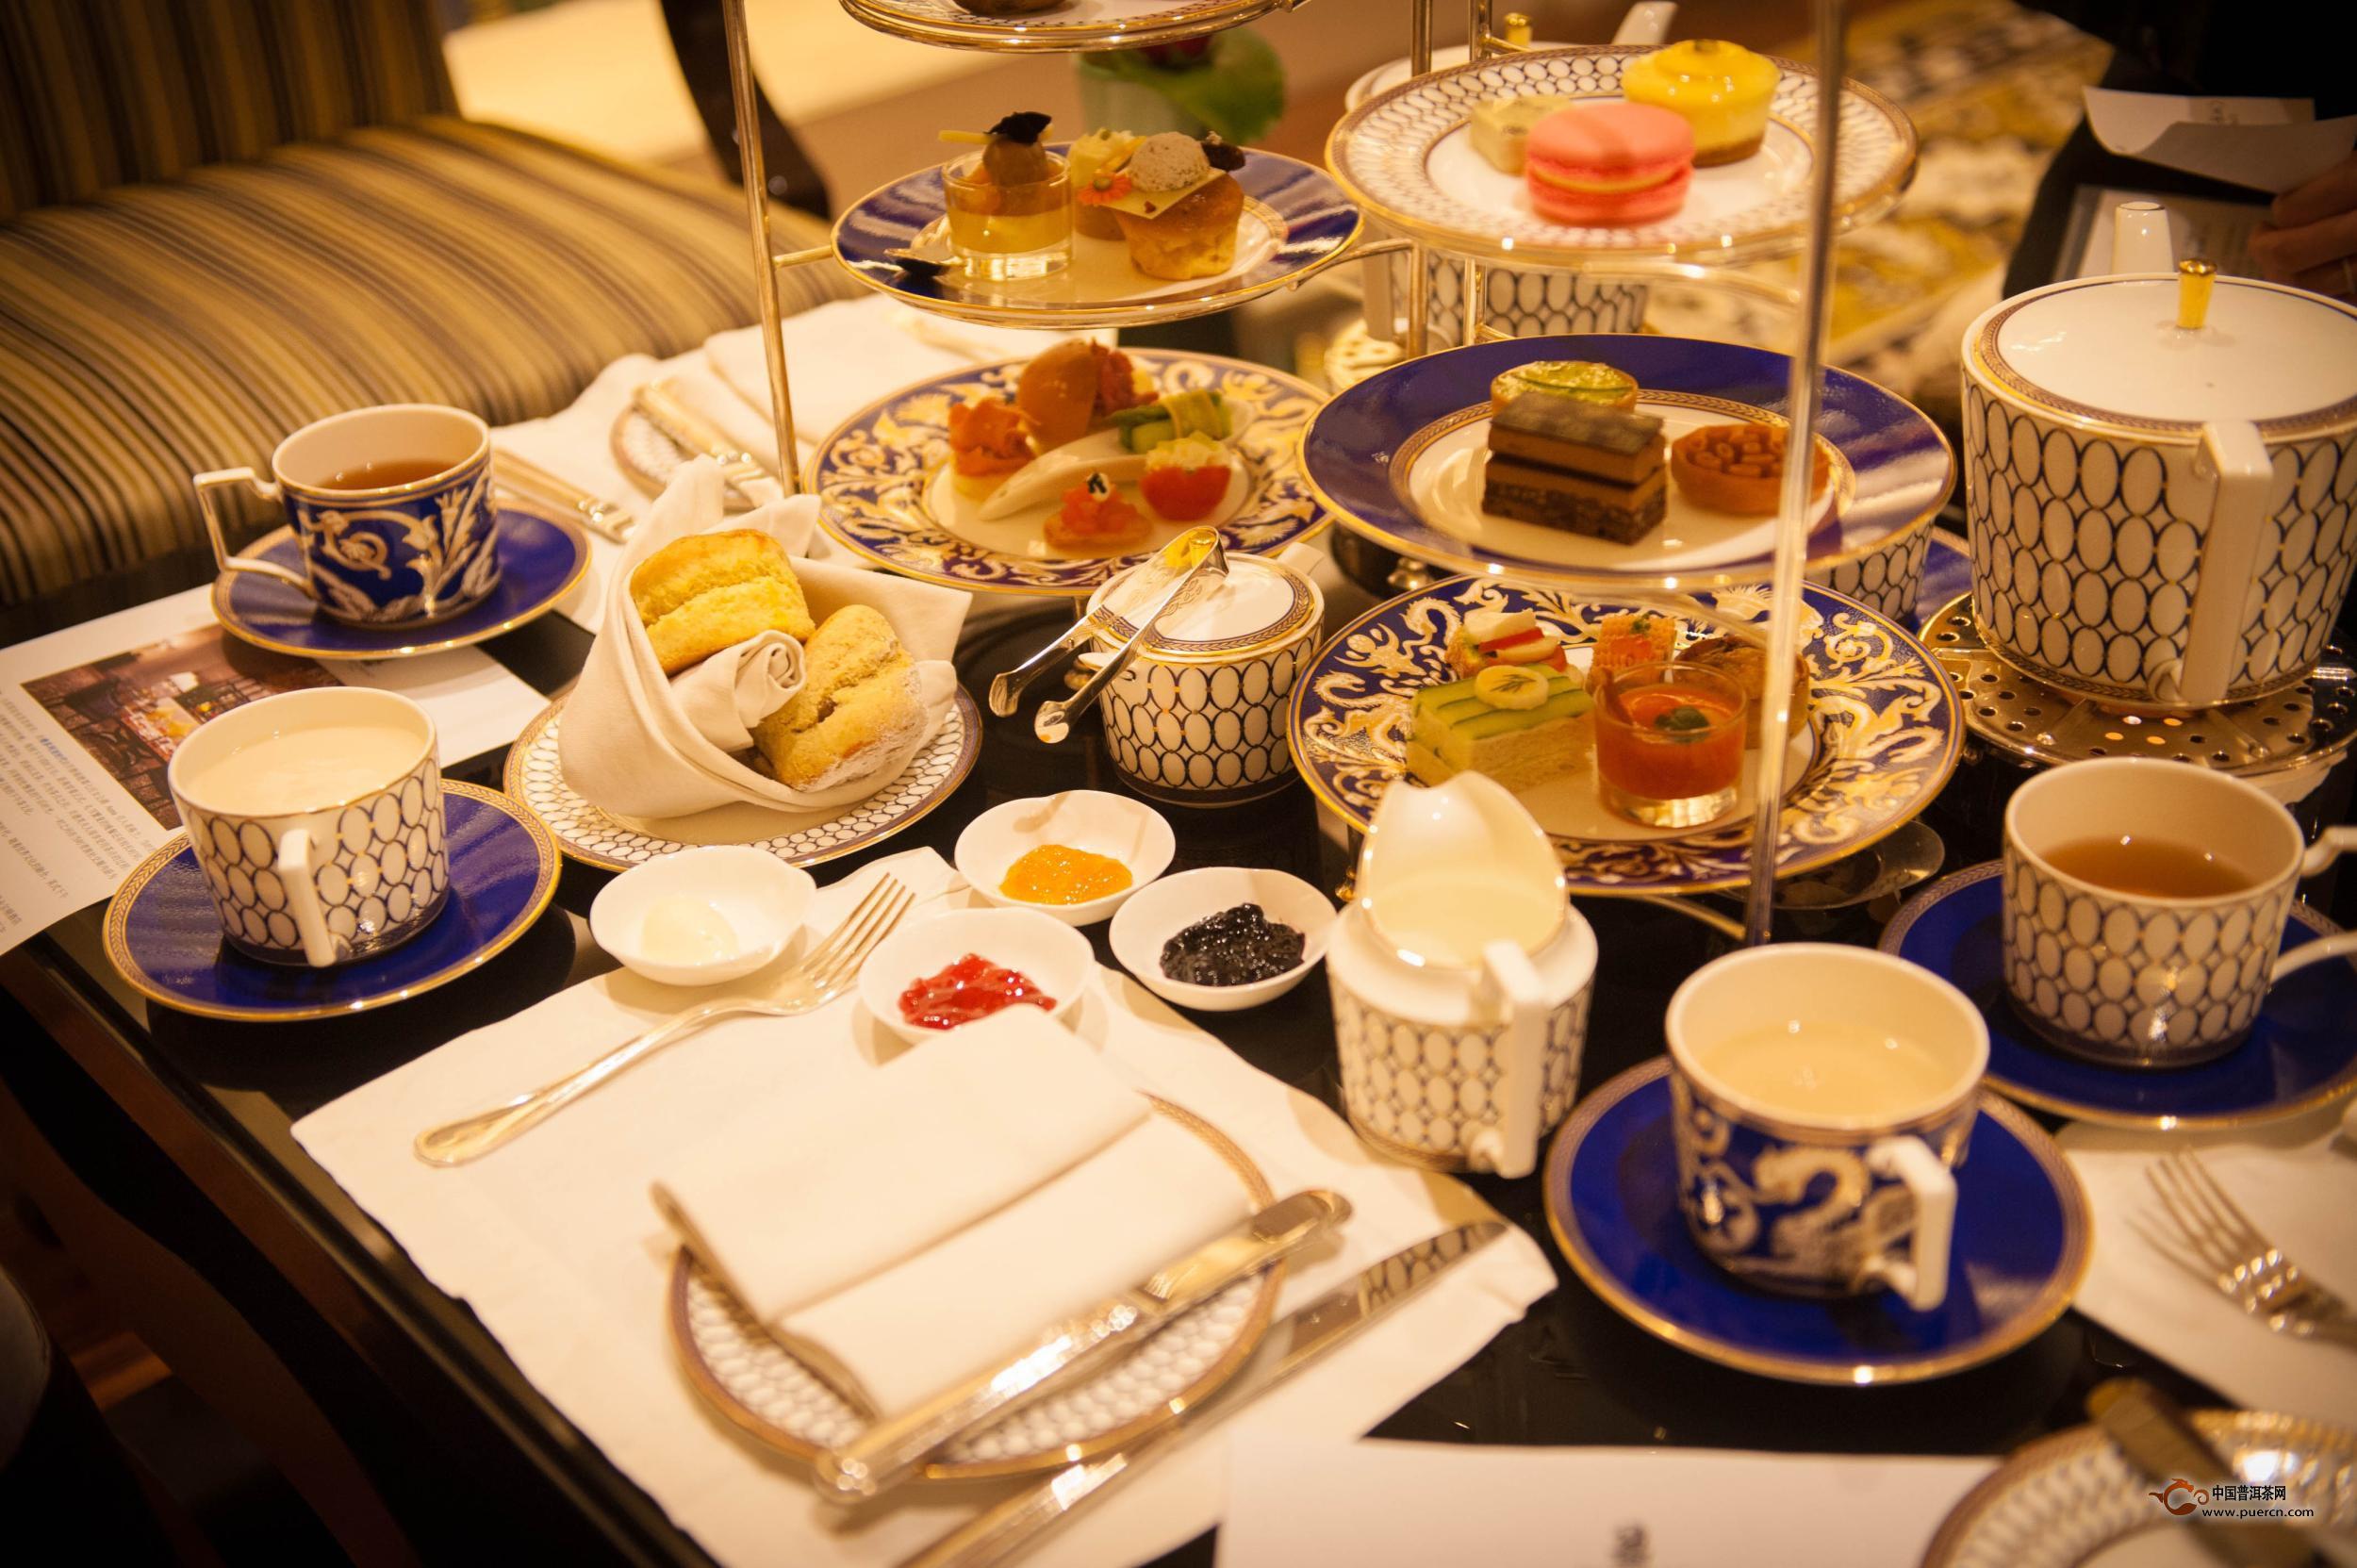 三,英式下午茶具   在下午茶的传统里,精致上等的茶具不可或缺